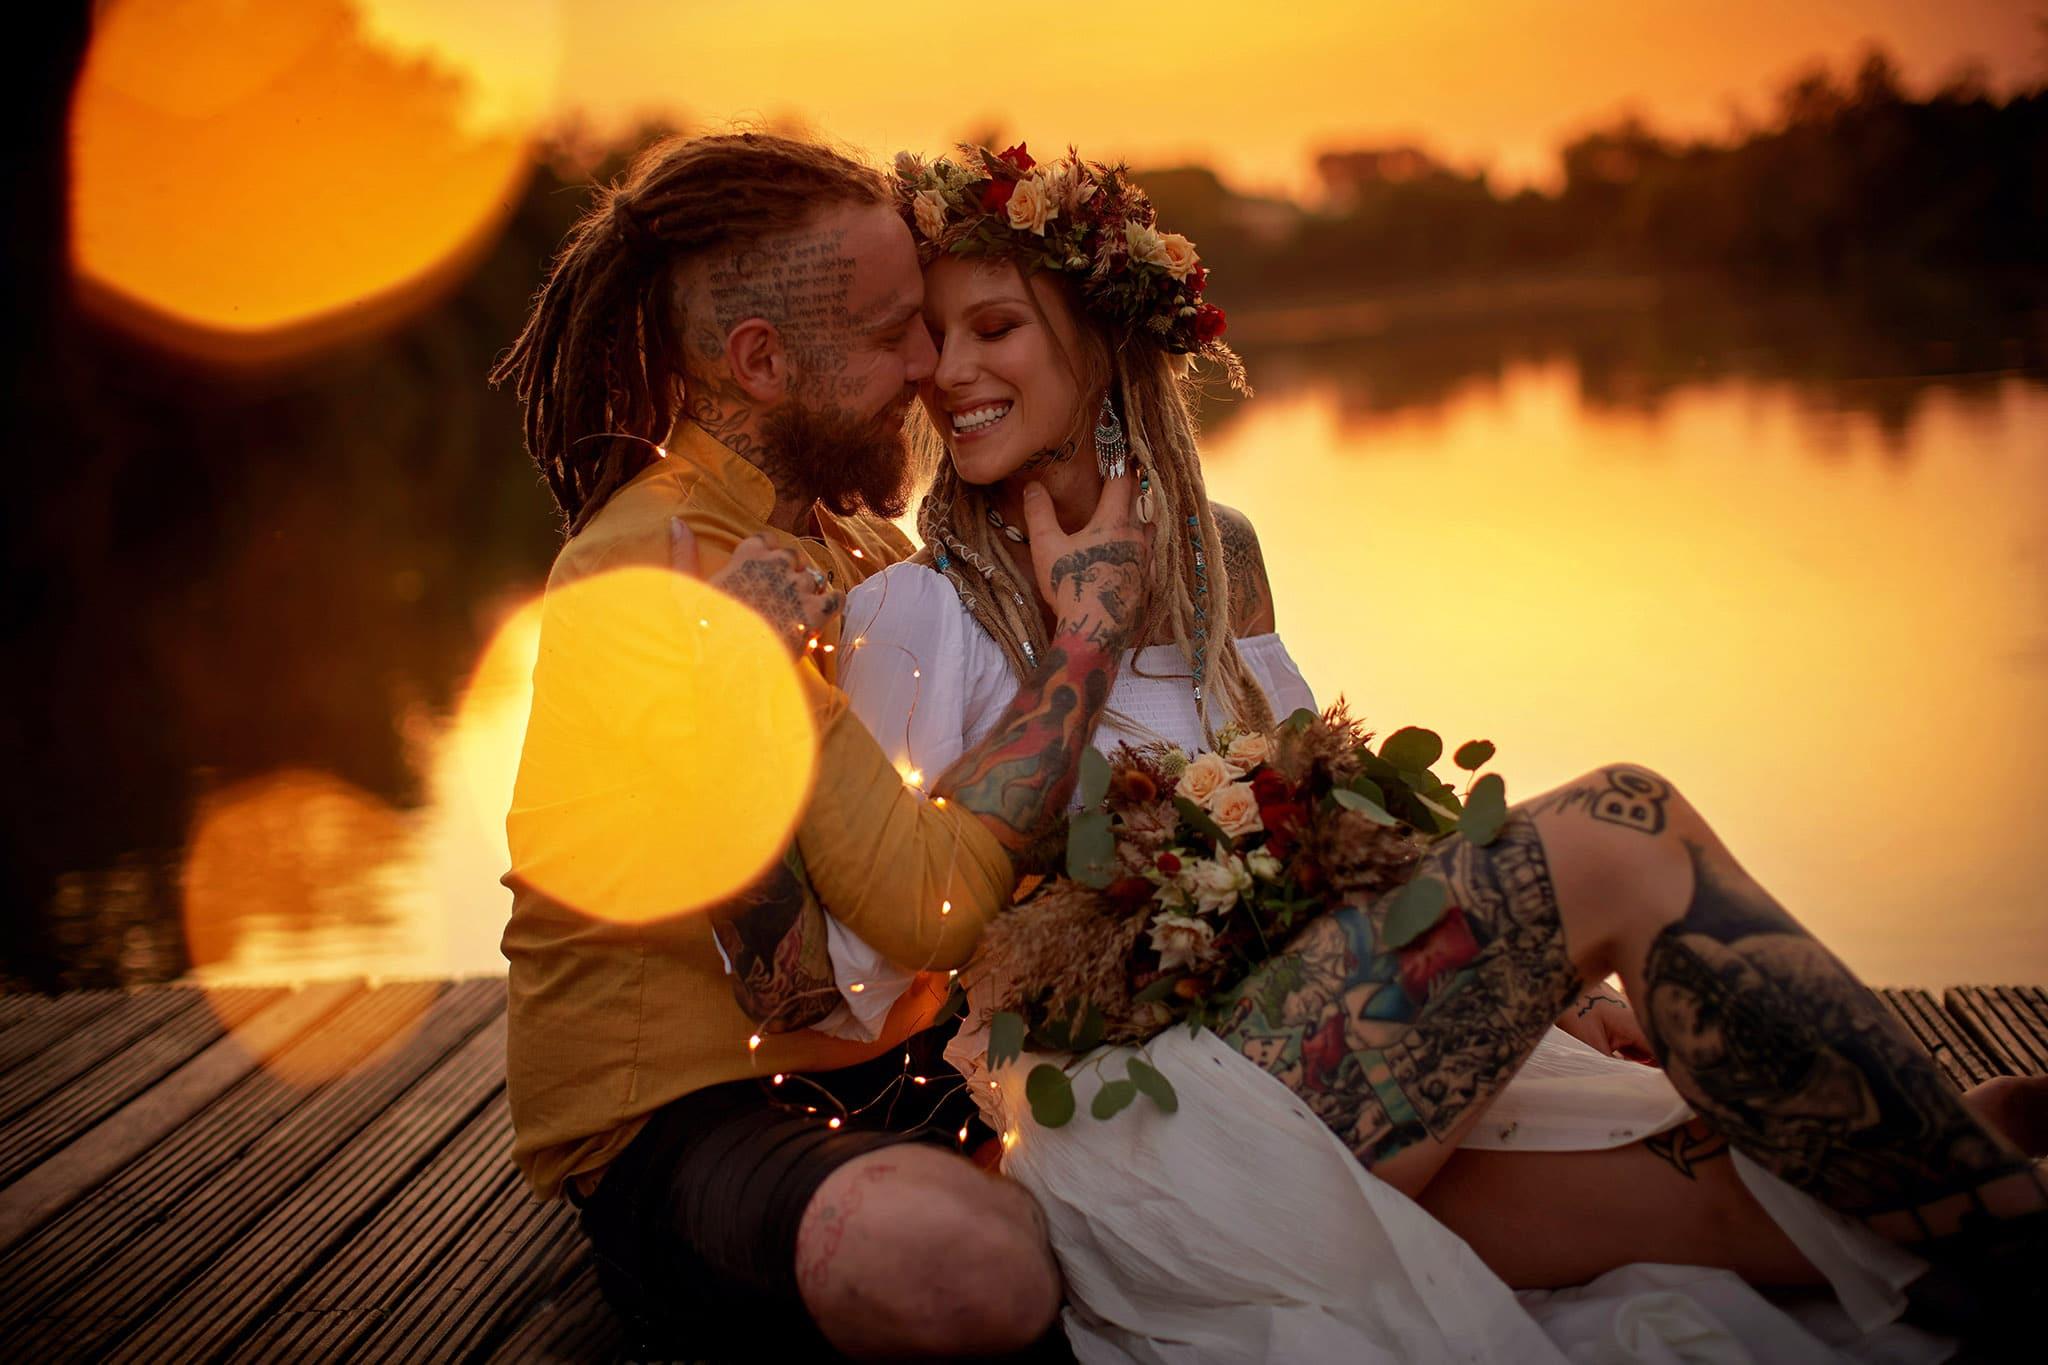 Sunset Boho styled Love Story